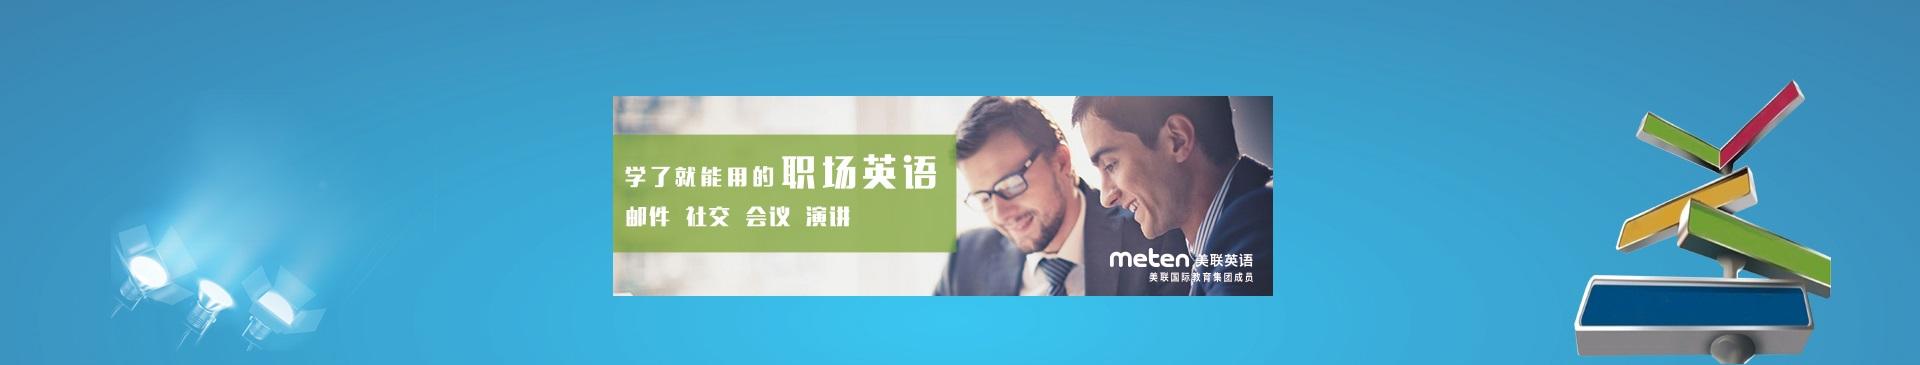 重庆沙坪坝美联英语培训